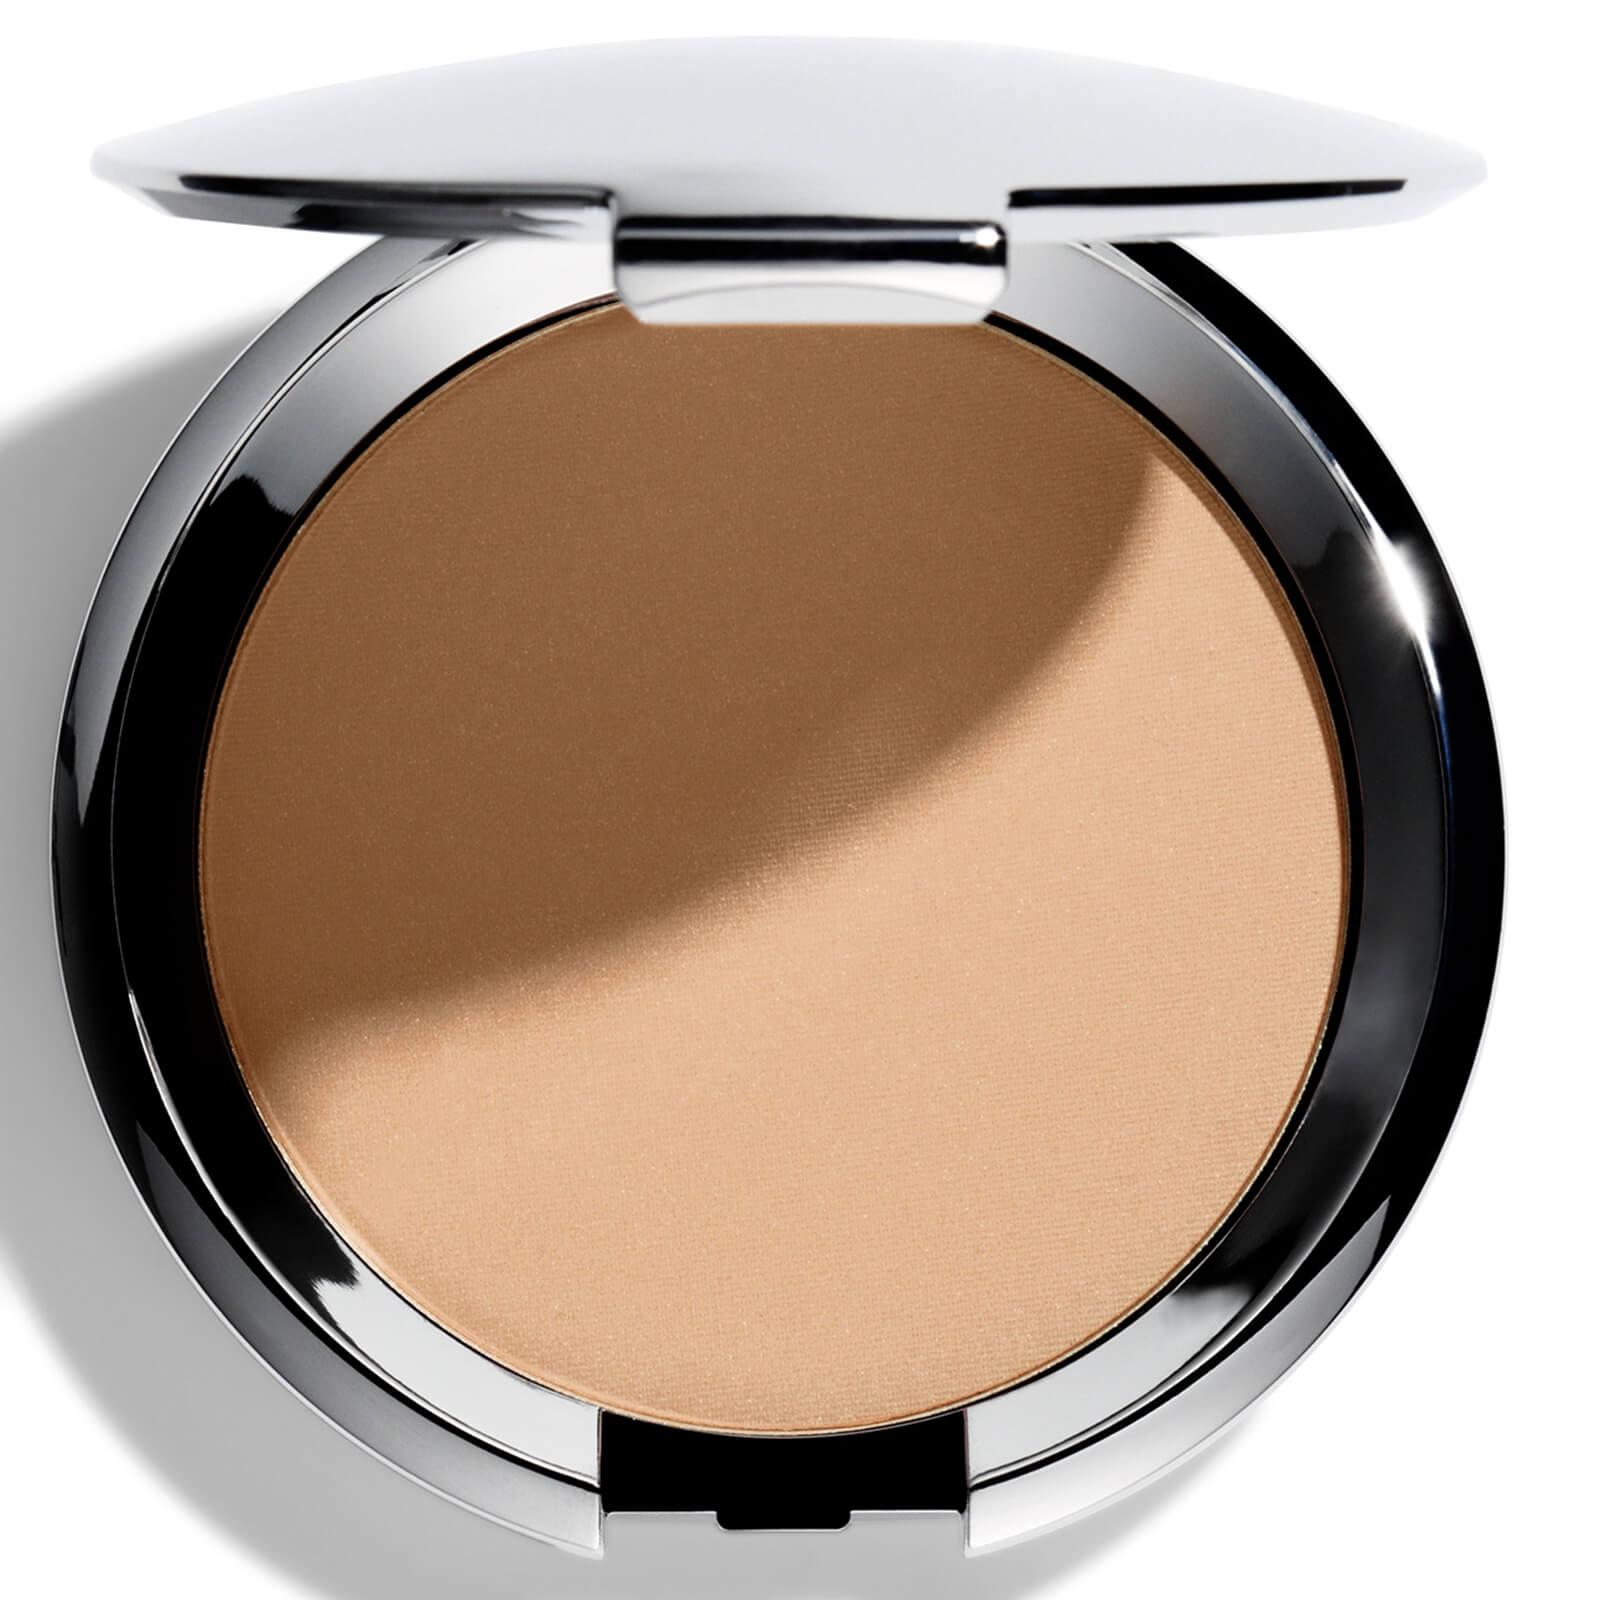 Chantecaille Compact Makeup Foundation Various Shades Lookfantastic